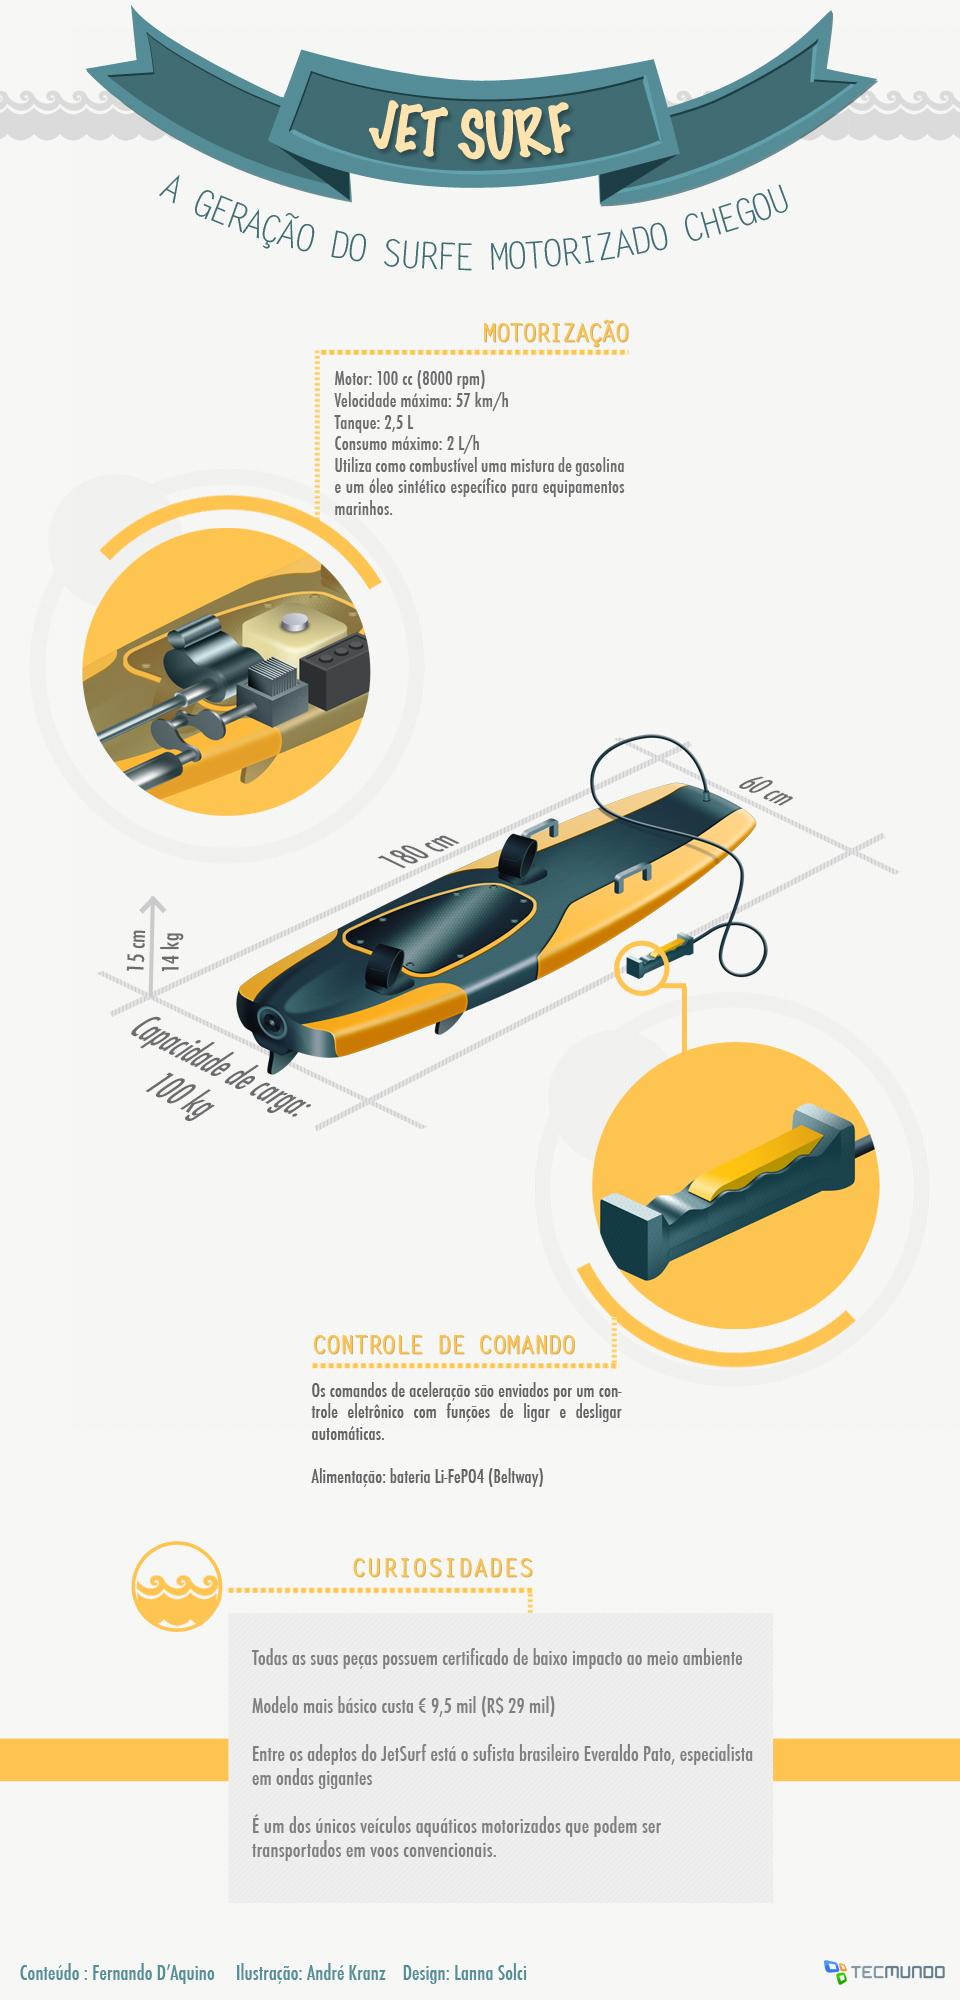 JetSurf: a geração do surfe motorizado chegou [ilustração]